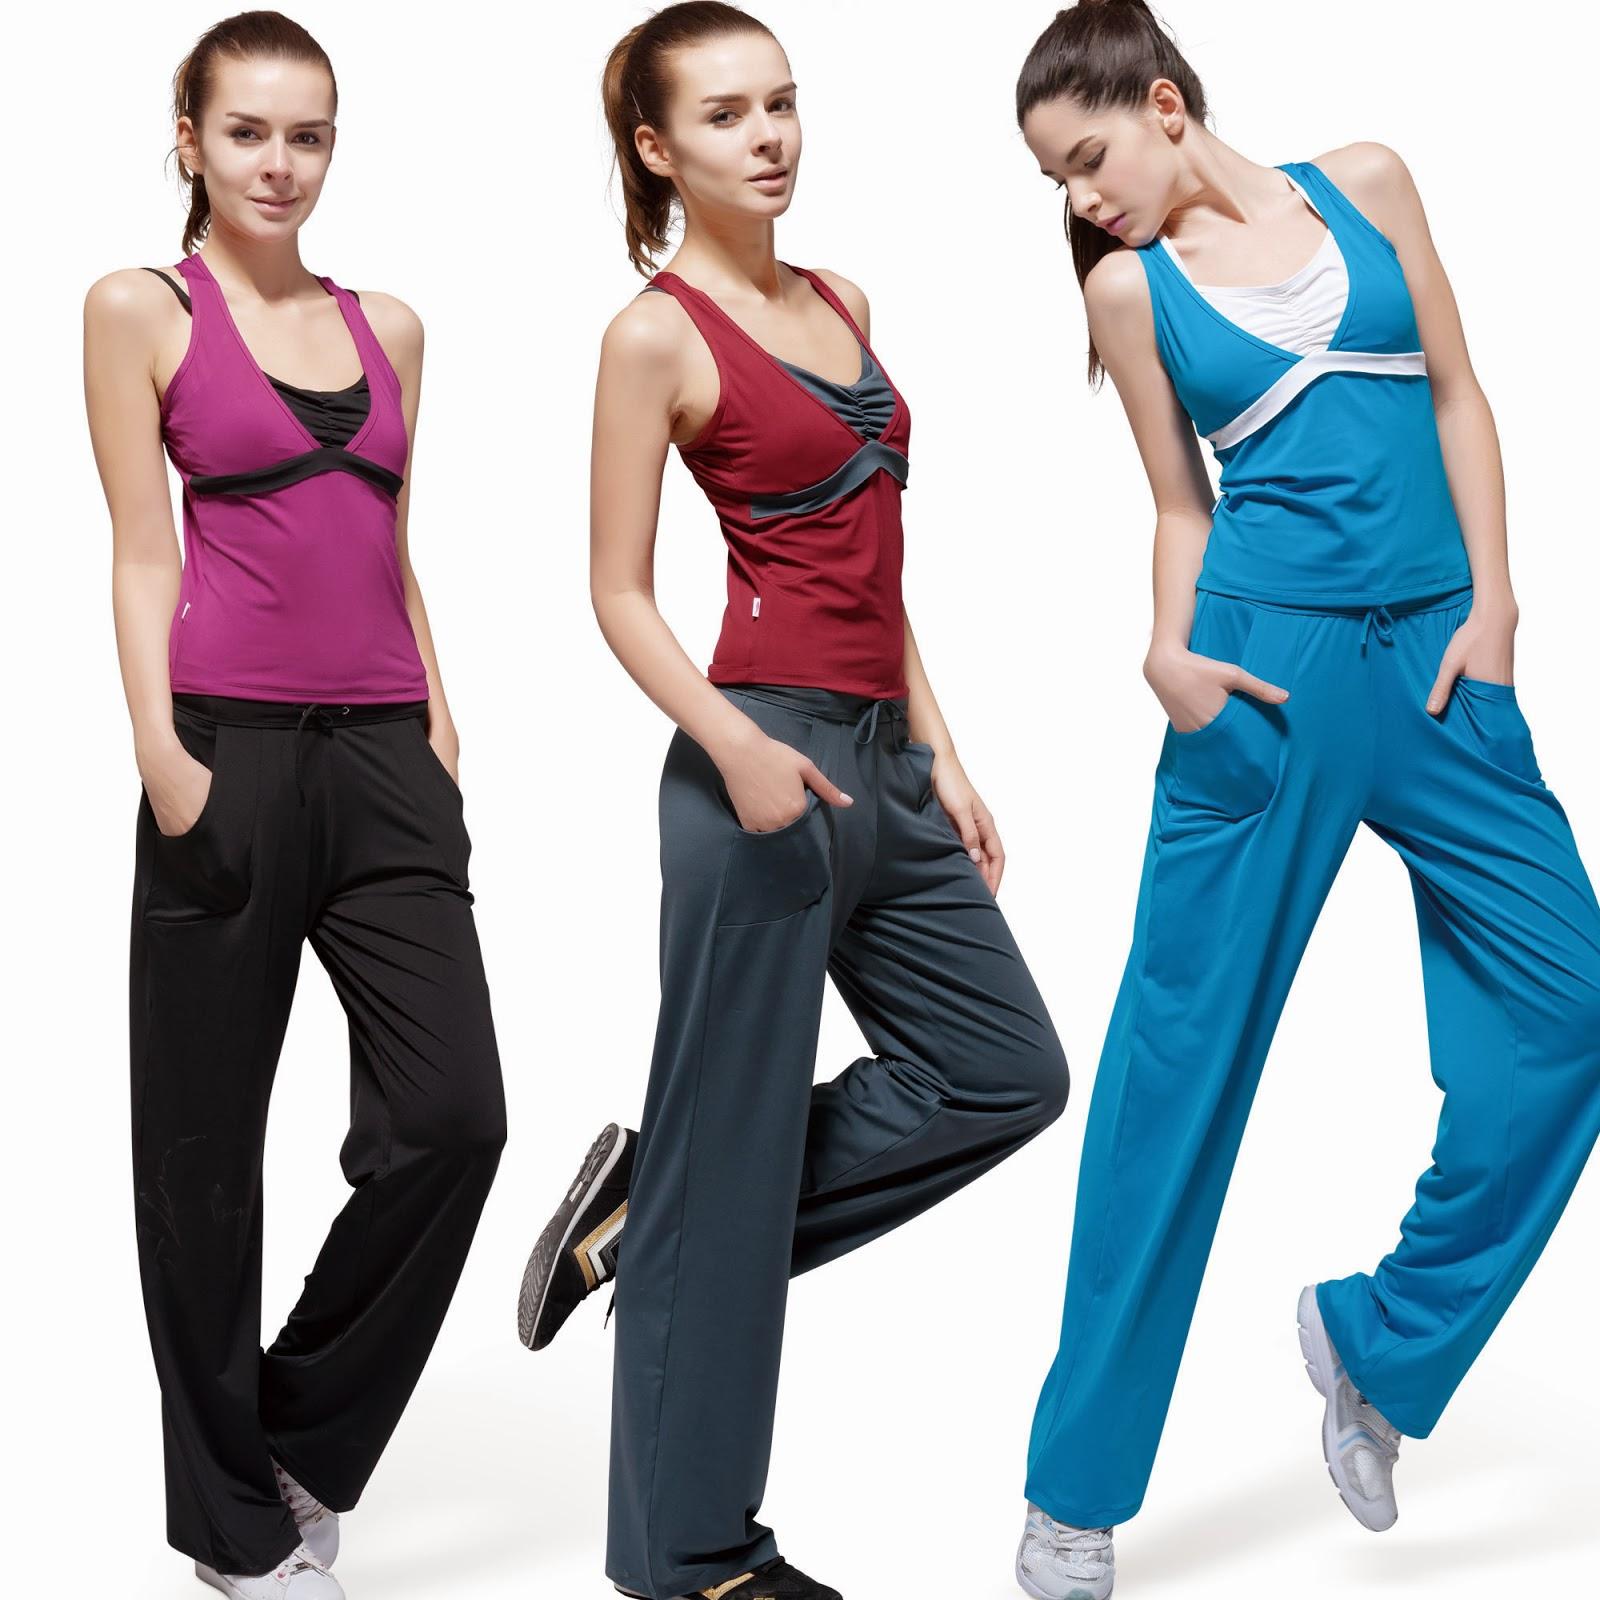 Сочетание спортивного стиля с повседневной одеждой